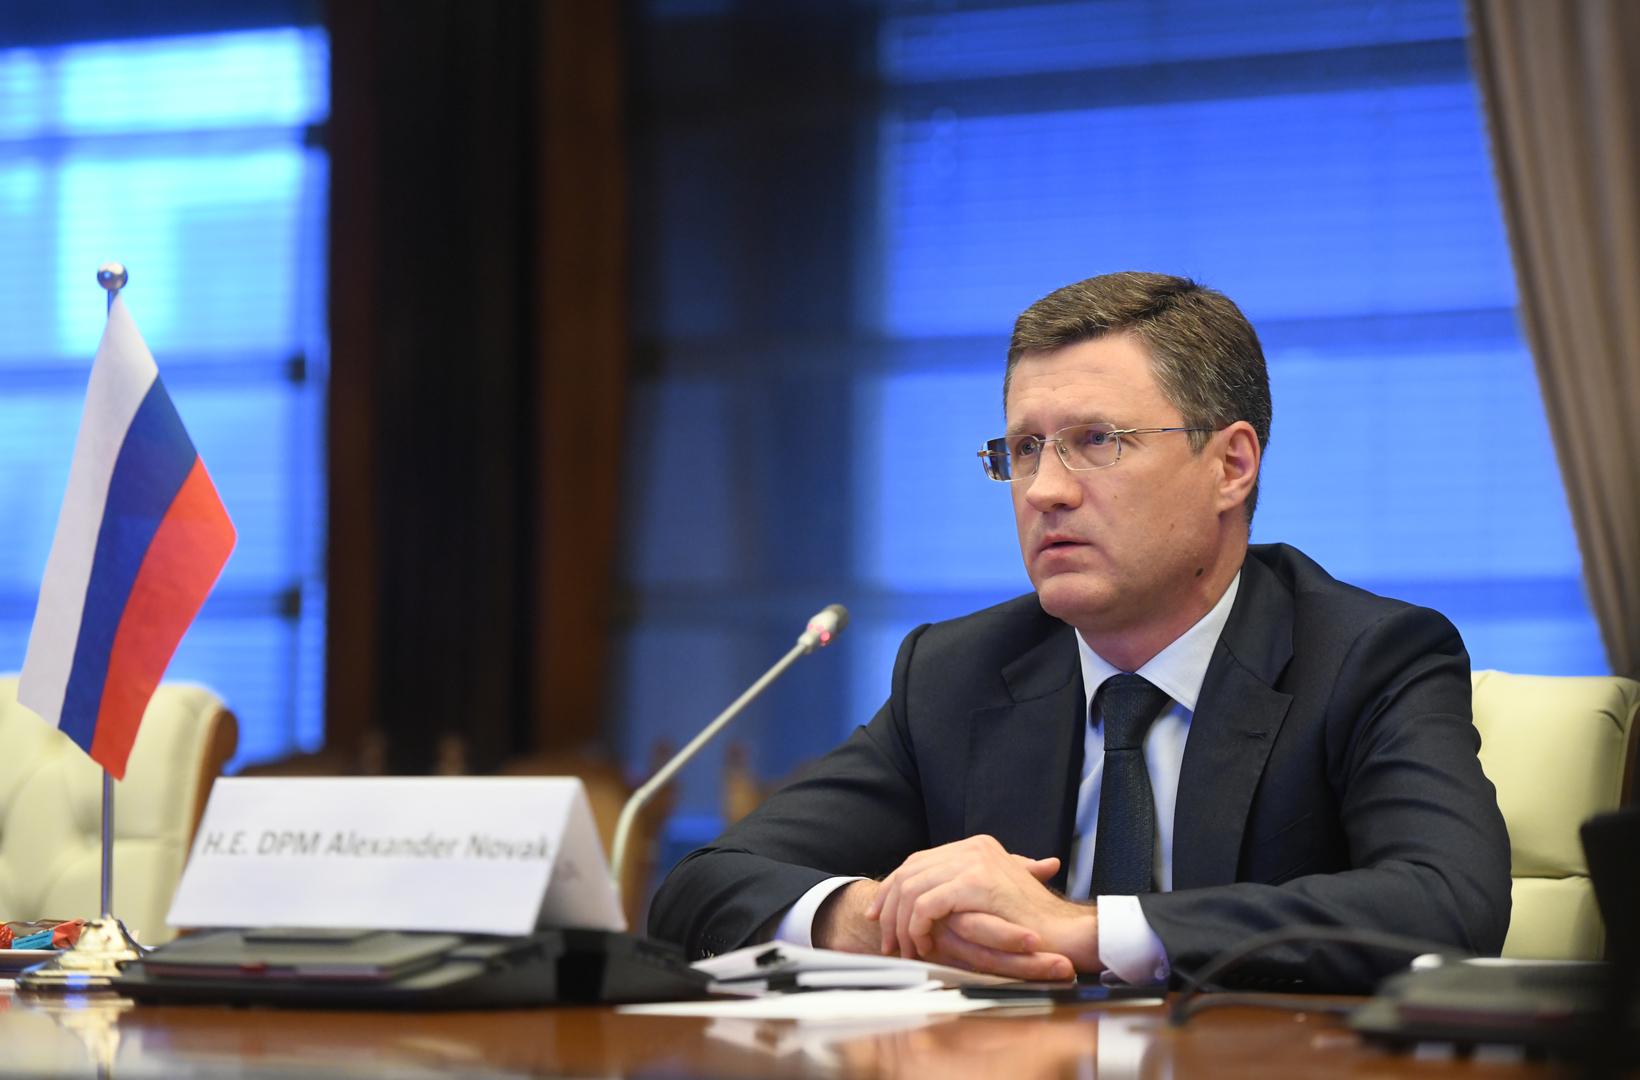 نوفاك: روسيا ستعيد رفع إنتاج النفط إلى مستوى ما قبل الأزمة بحلول مايو 2022